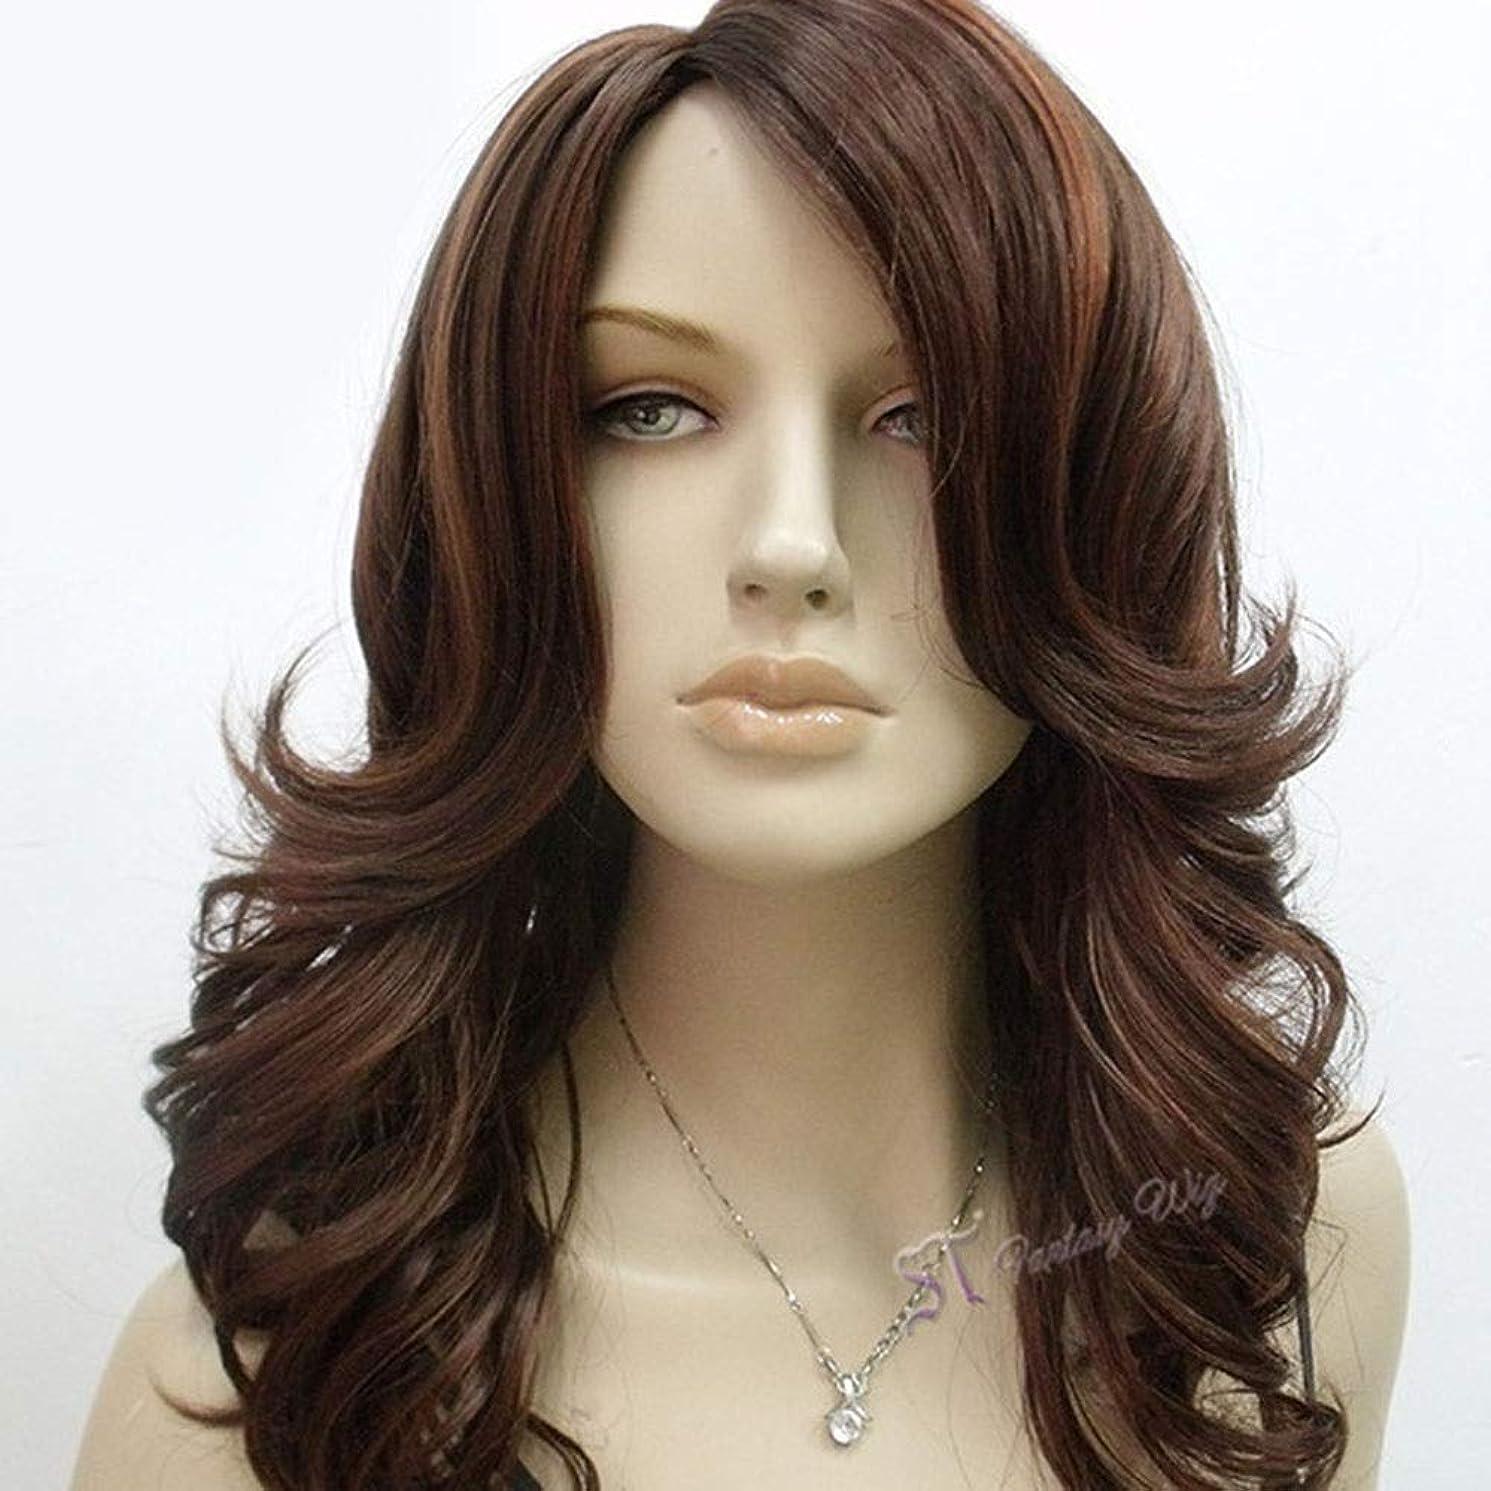 仮称スマイル乗り出すBOBIDYEE 女性の長い巻き毛のかつら茶色のセクシーな長い前髪波カールかつら合成髪のレースのかつらロールプレイングかつら (色 : ブラウン)